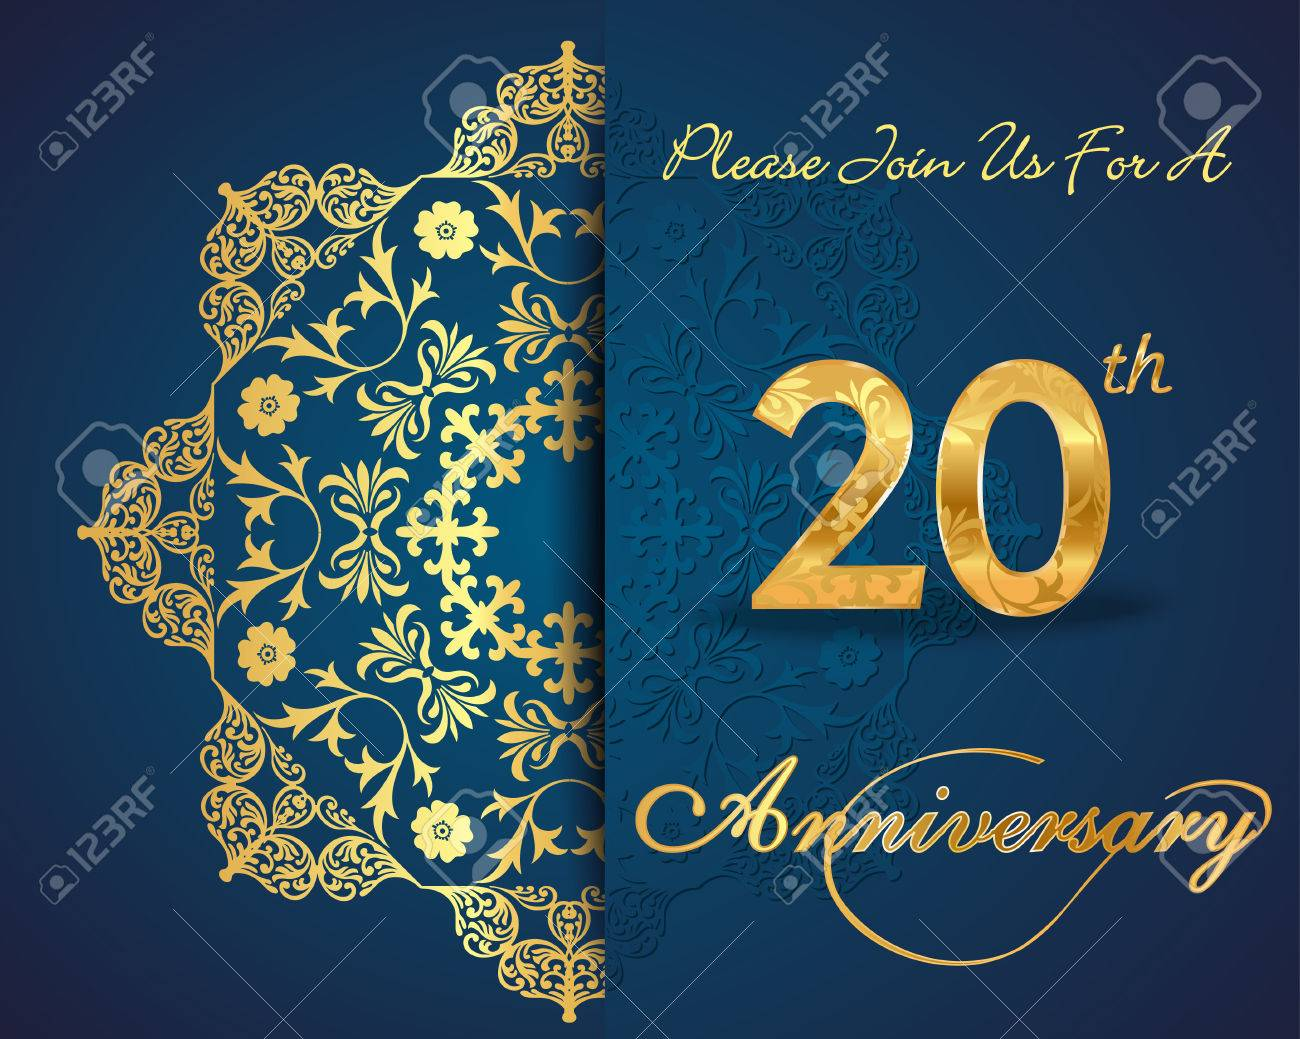 20 Años De Diseño Aniversario Patrón Elementos Aniversario Vigésimo Decorativos Florales Fondo Adornado Tarjeta De Invitación Vector Eps10